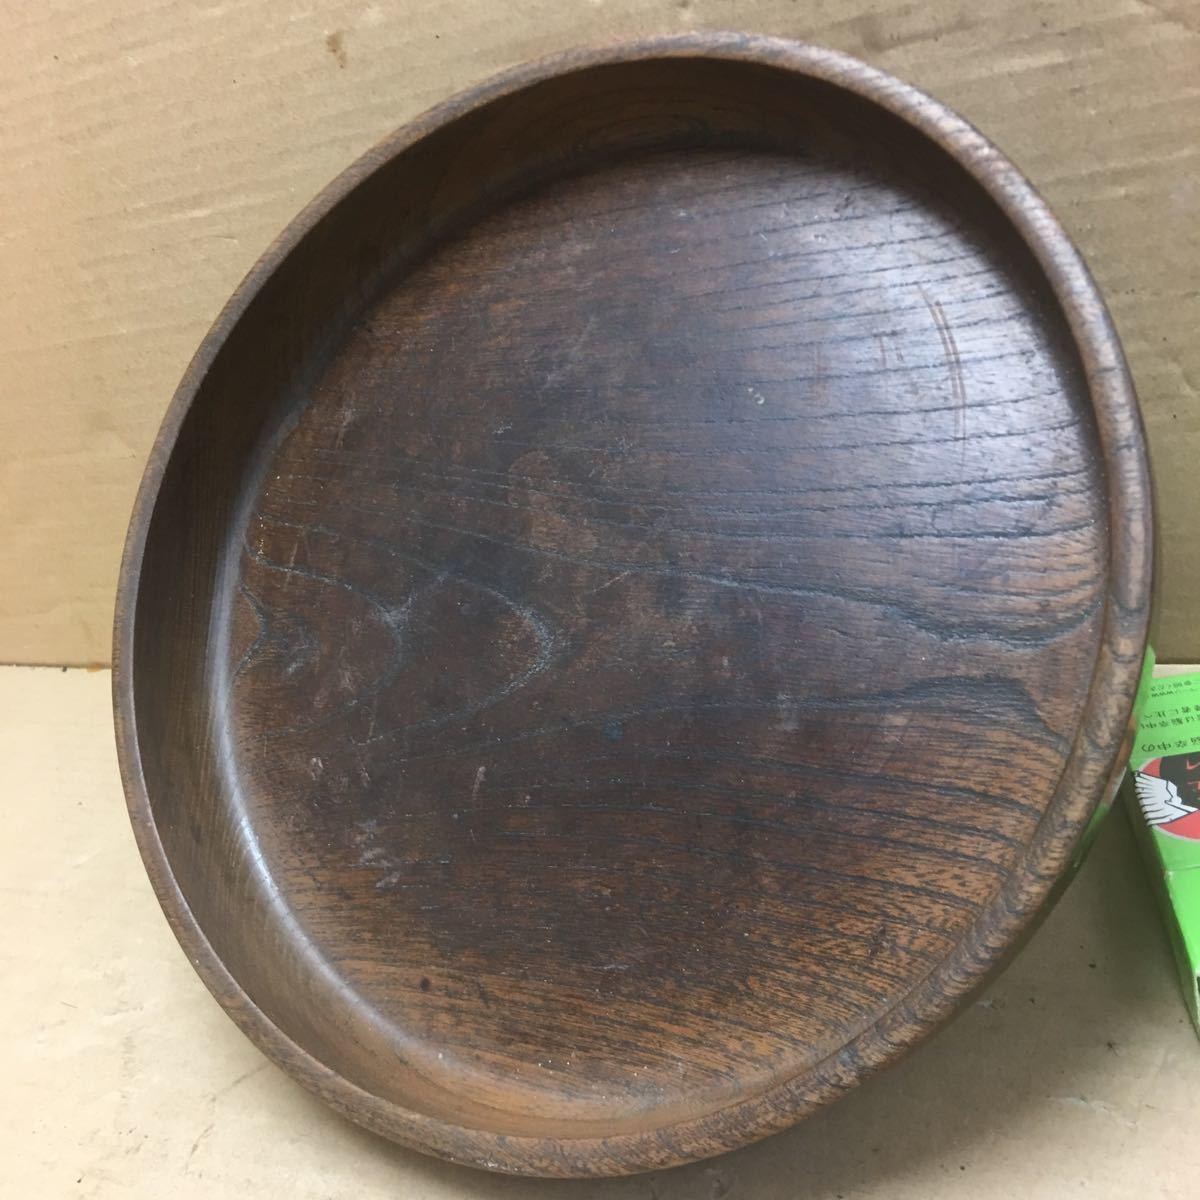 丸盆 煎茶道具 お盆 無垢材木目が美しい煎茶盆 刳り貫き茶盆 時代古民具 古美術 古道具 直径約24cm_画像10